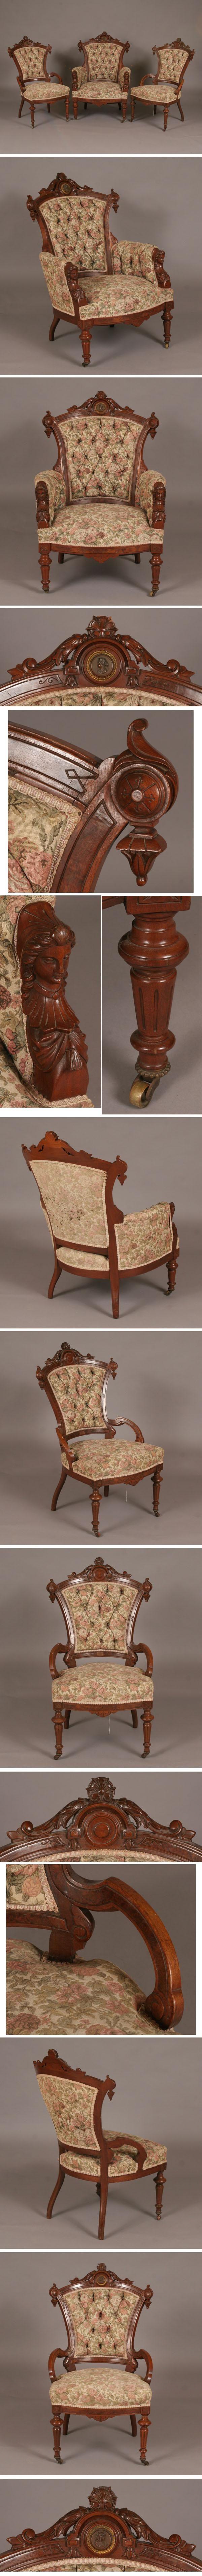 Jelliff Victorian Renaissance Revival Chairs 3pc   Antique Helper